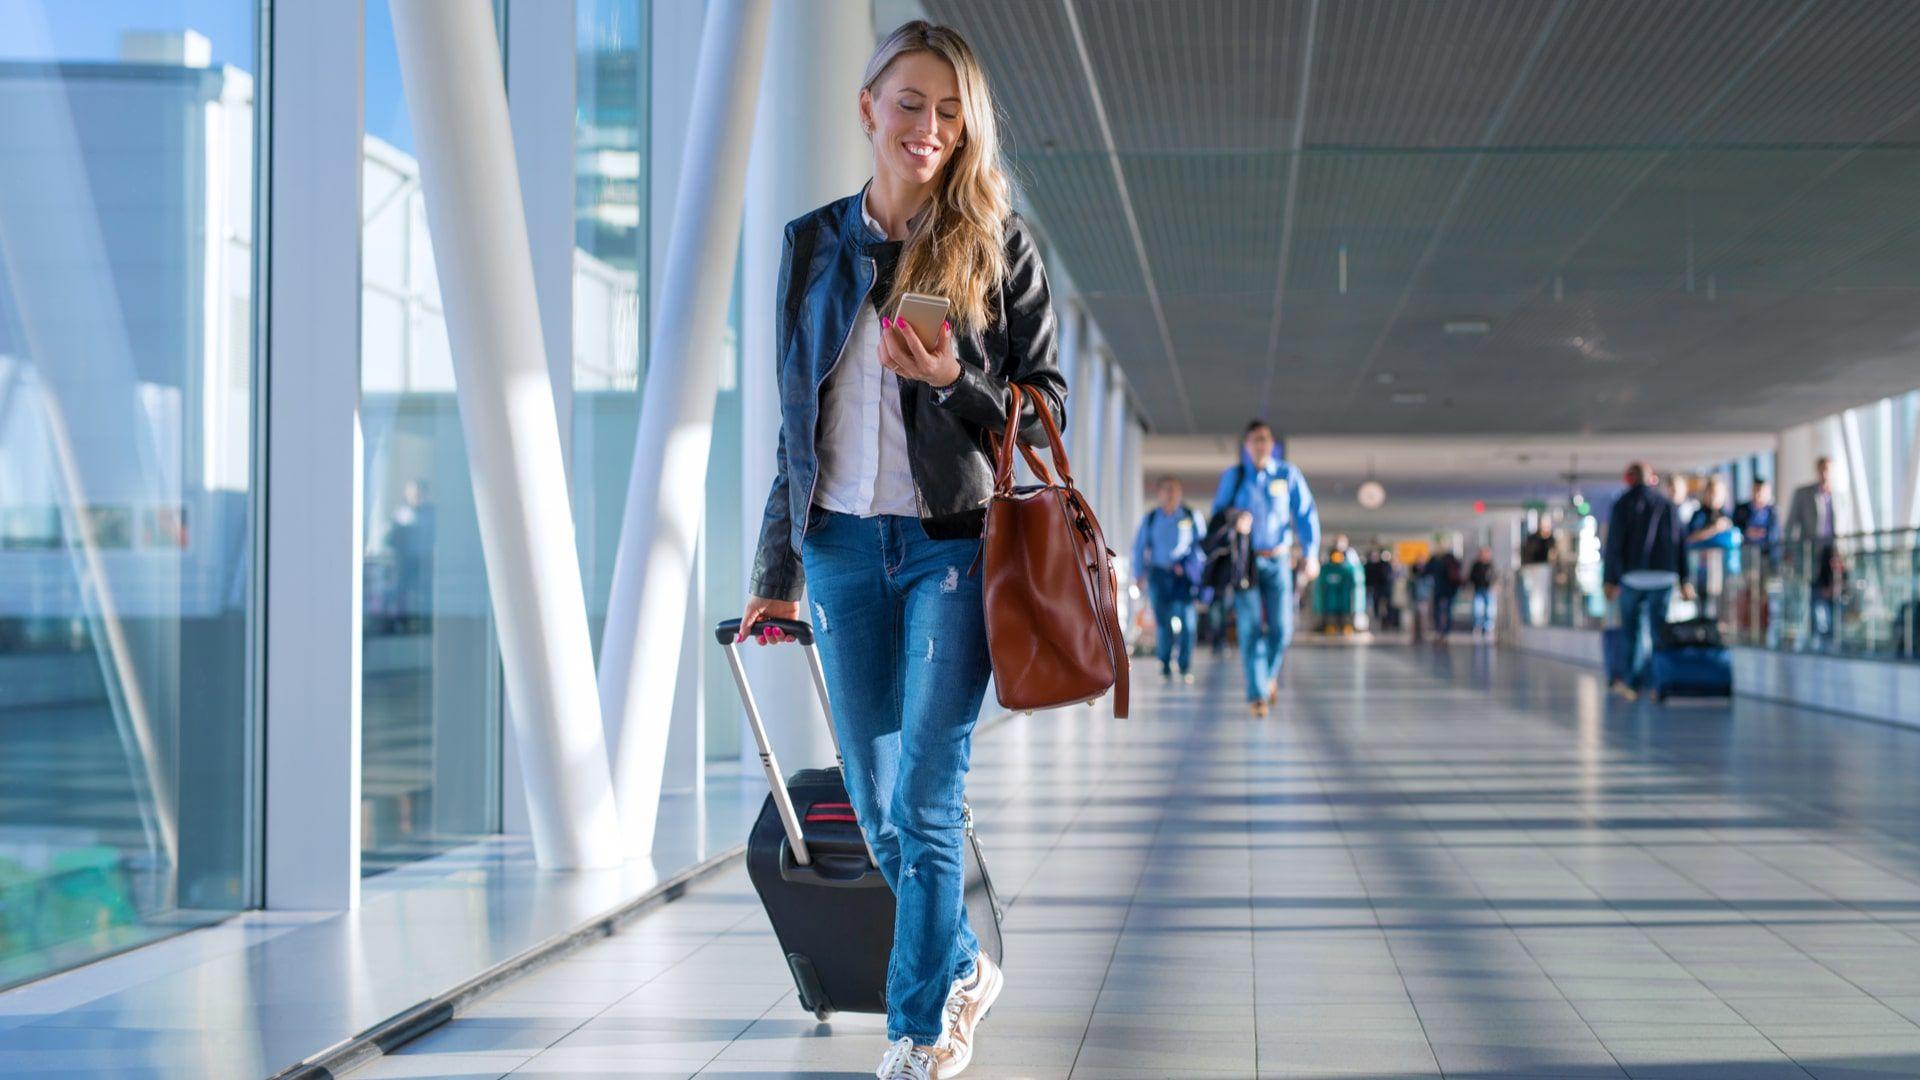 Serviço de roaming permite continuar usando chip nacional em outros países (Foto: Shutterstock)